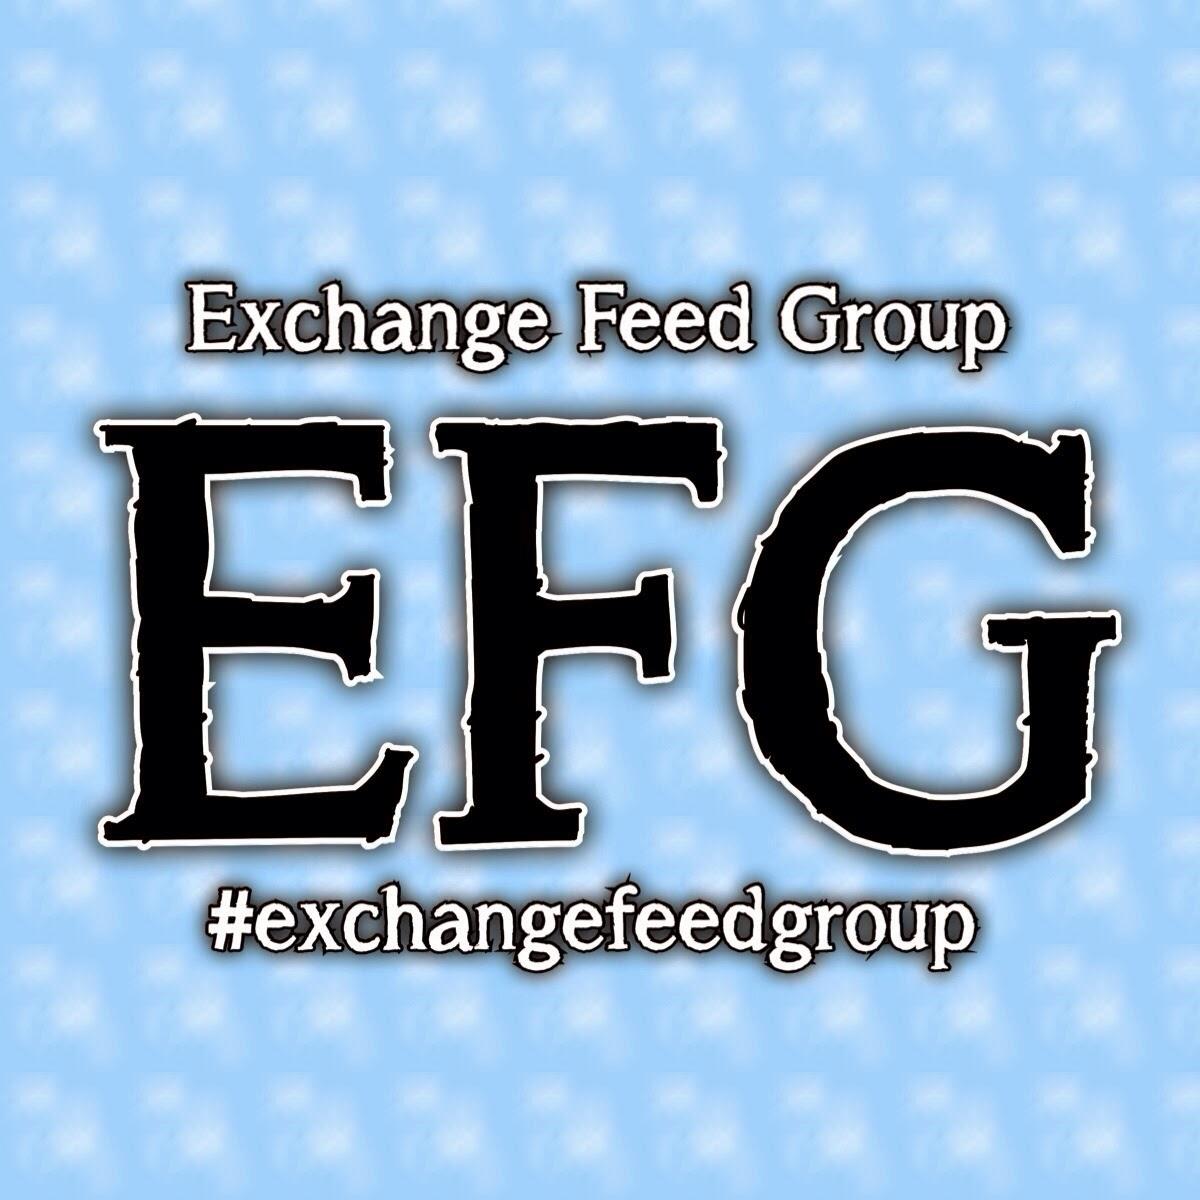 Exchangefeedgroup